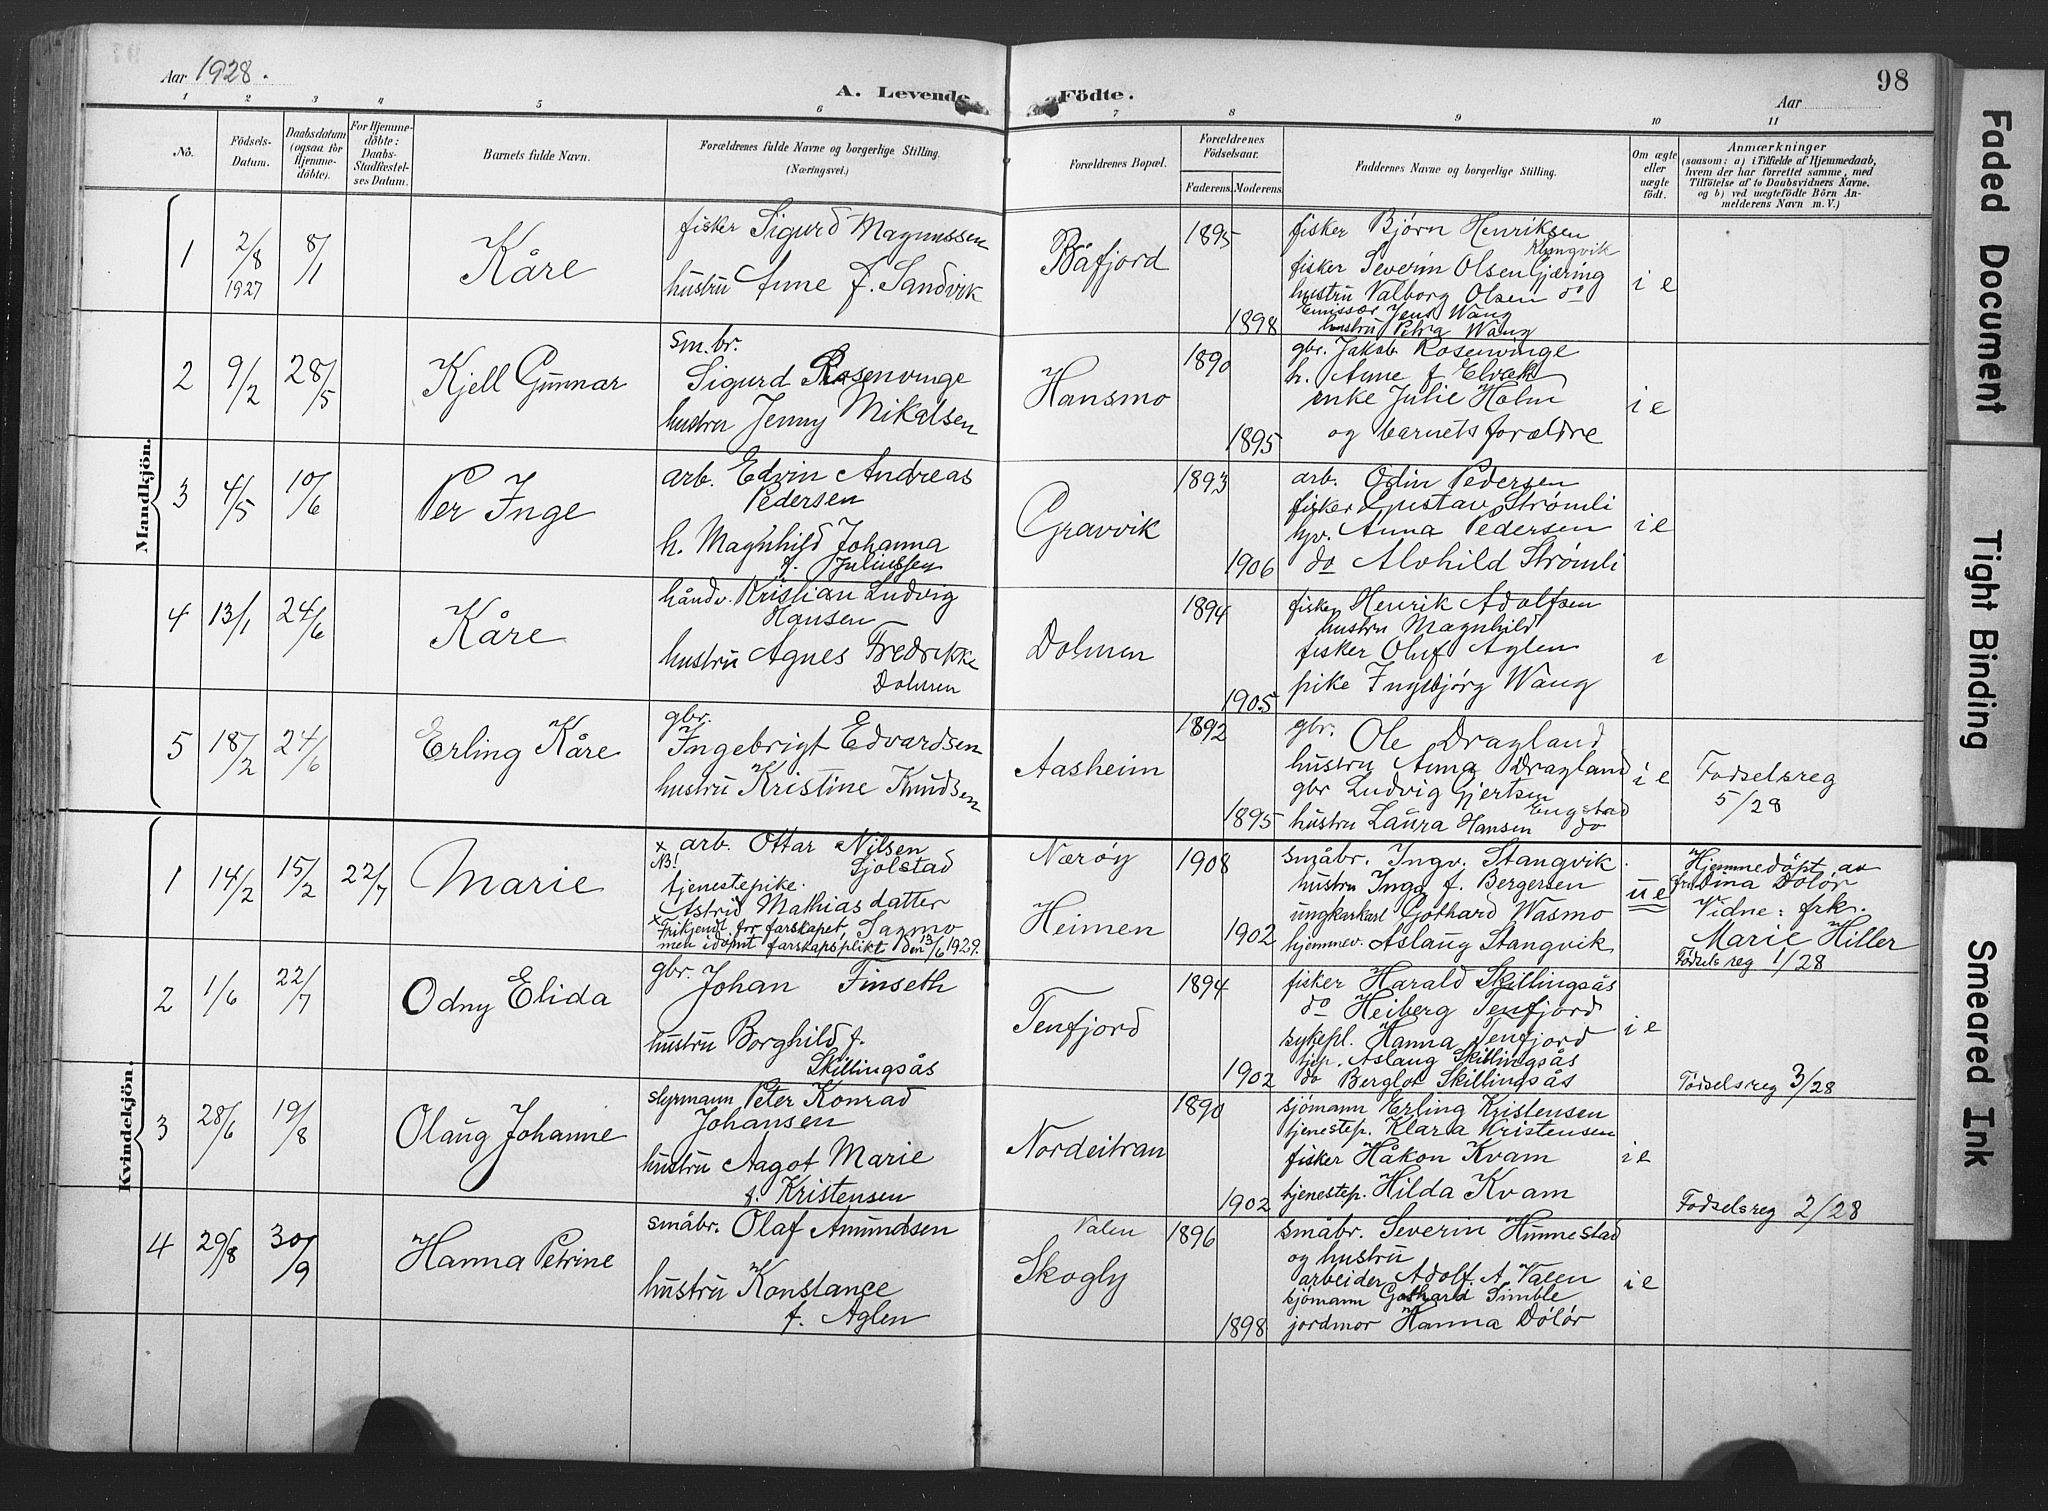 SAT, Ministerialprotokoller, klokkerbøker og fødselsregistre - Nord-Trøndelag, 789/L0706: Klokkerbok nr. 789C01, 1888-1931, s. 98